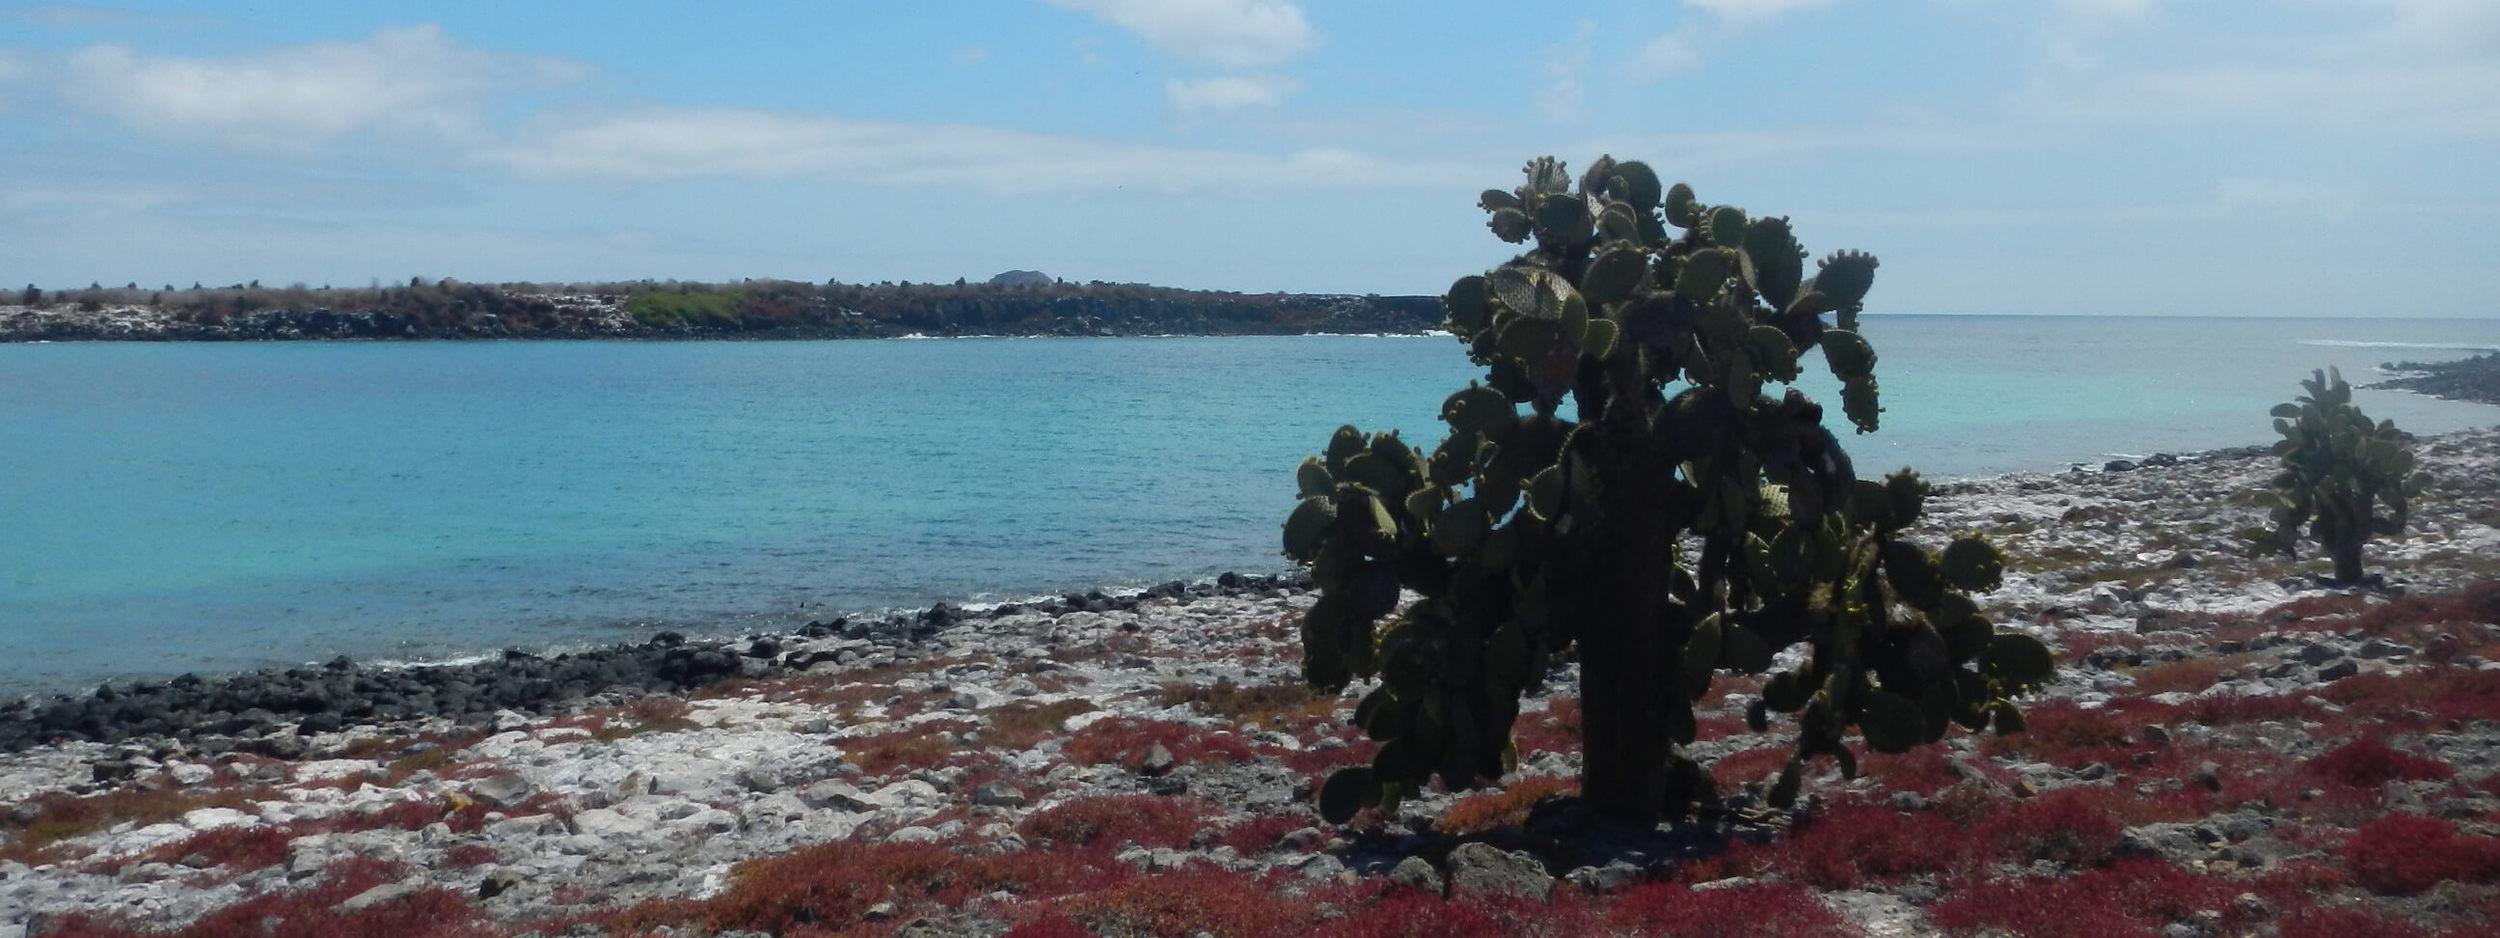 Galapagos hikes